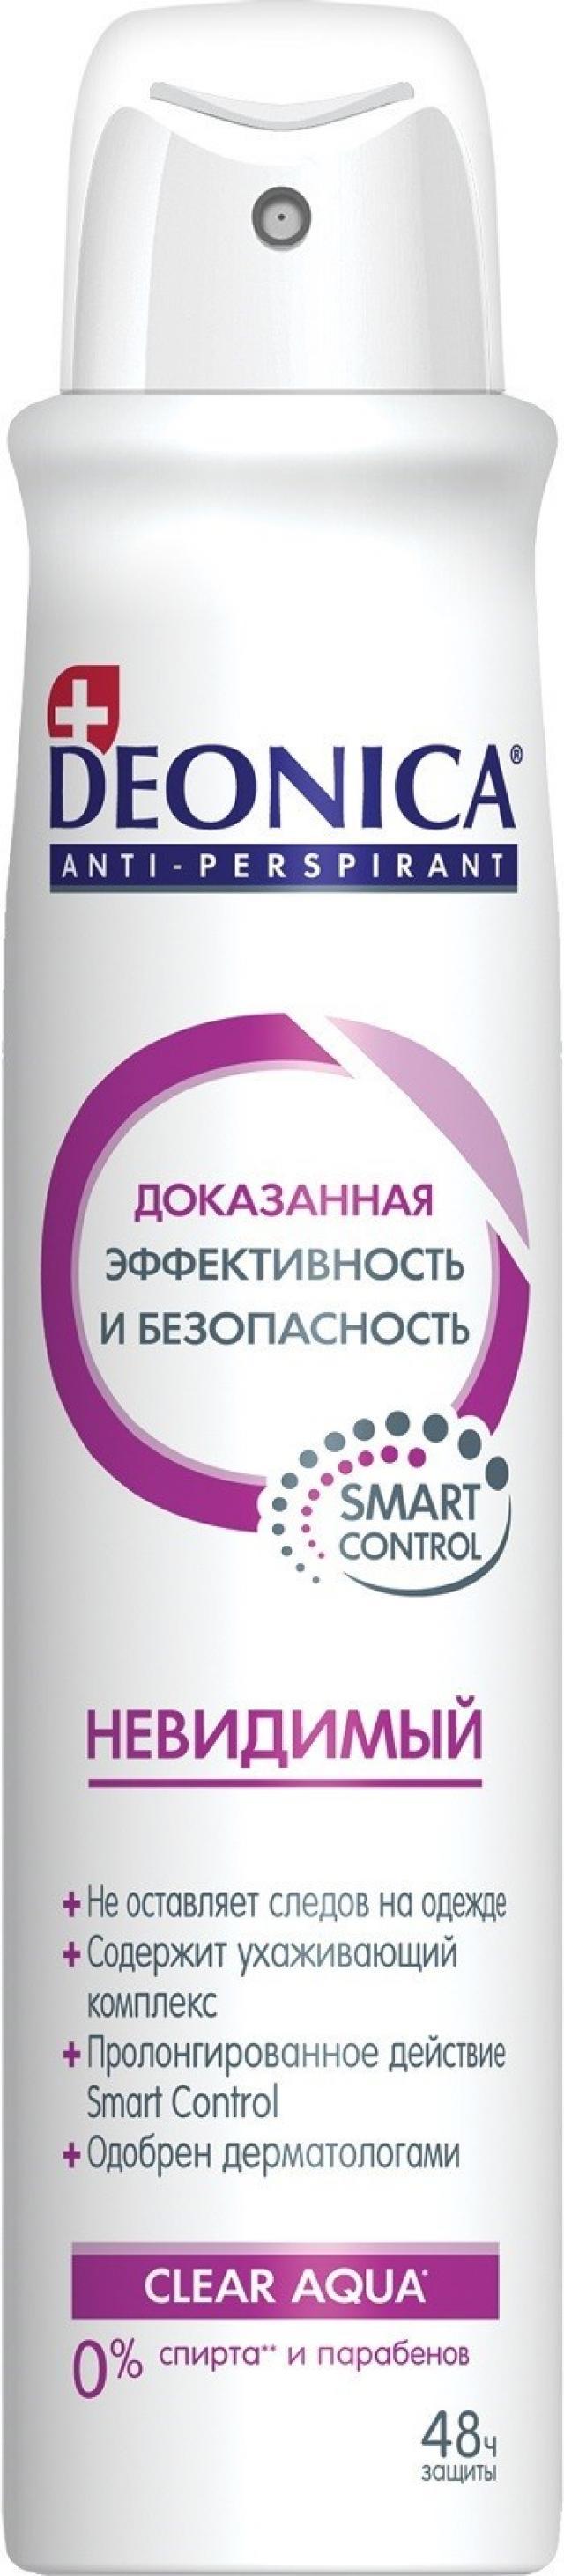 Деоника дезодорант-спрей Невидимый 200мл купить в Москве по цене от 0 рублей